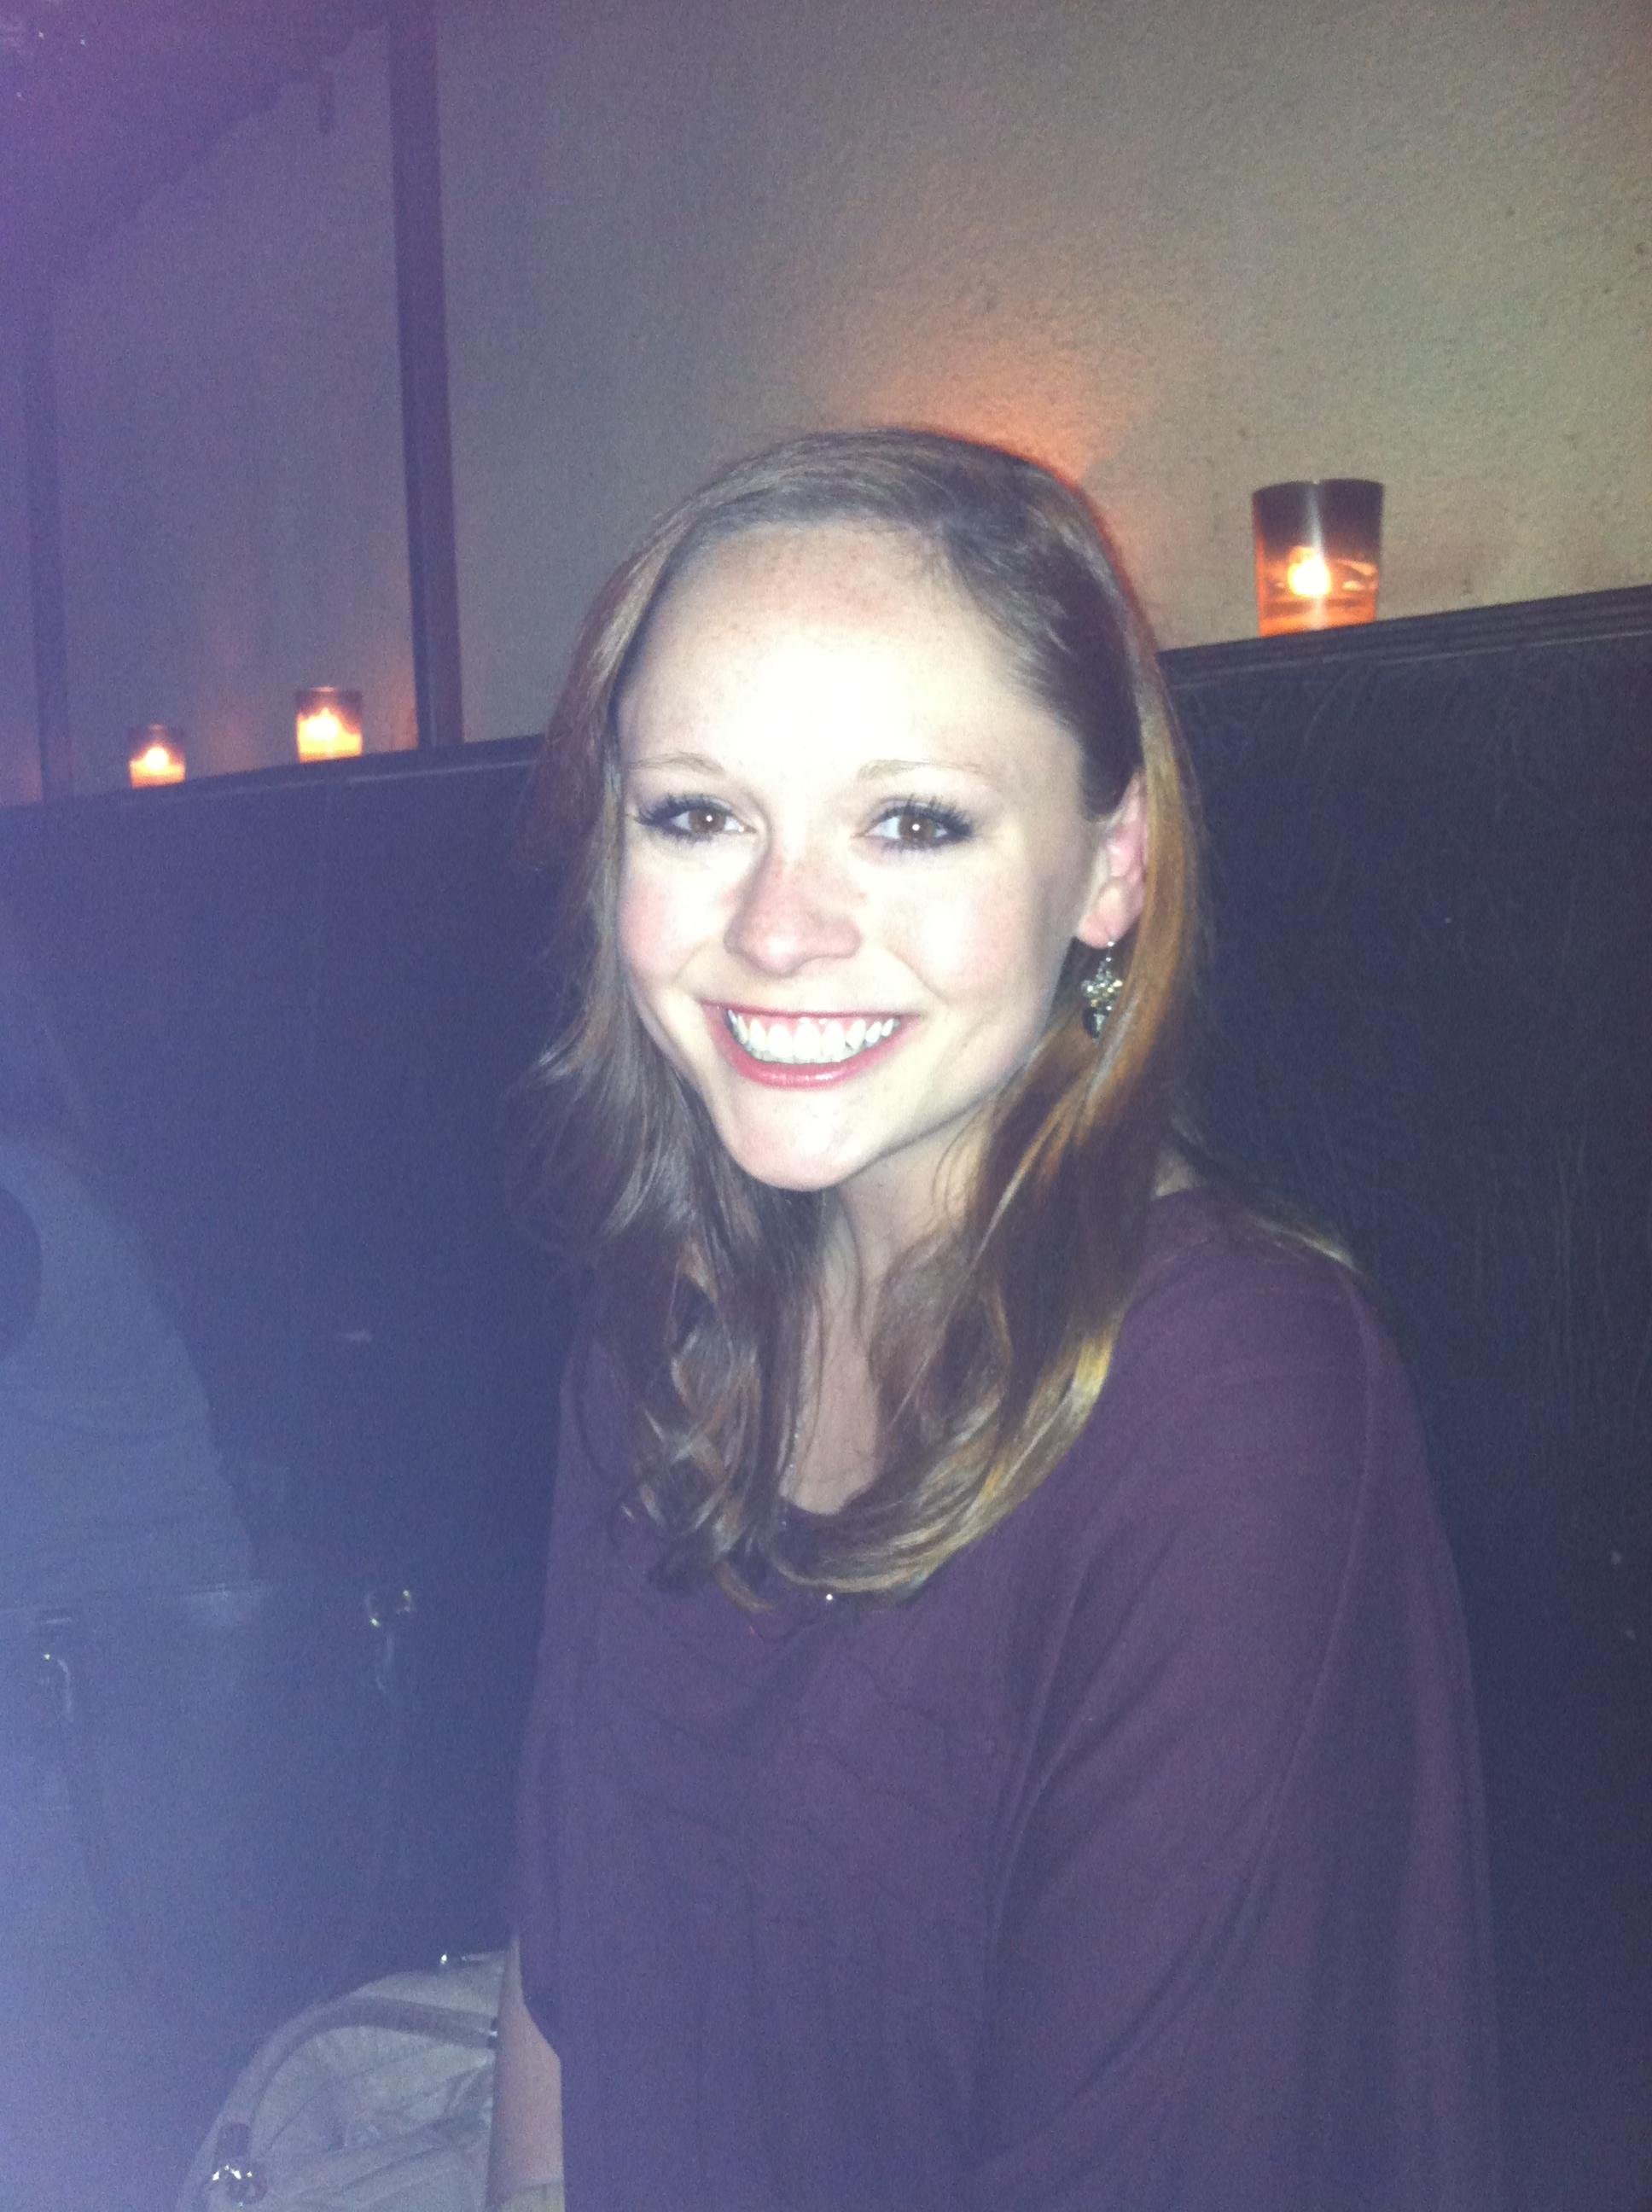 Kelly at wine bar